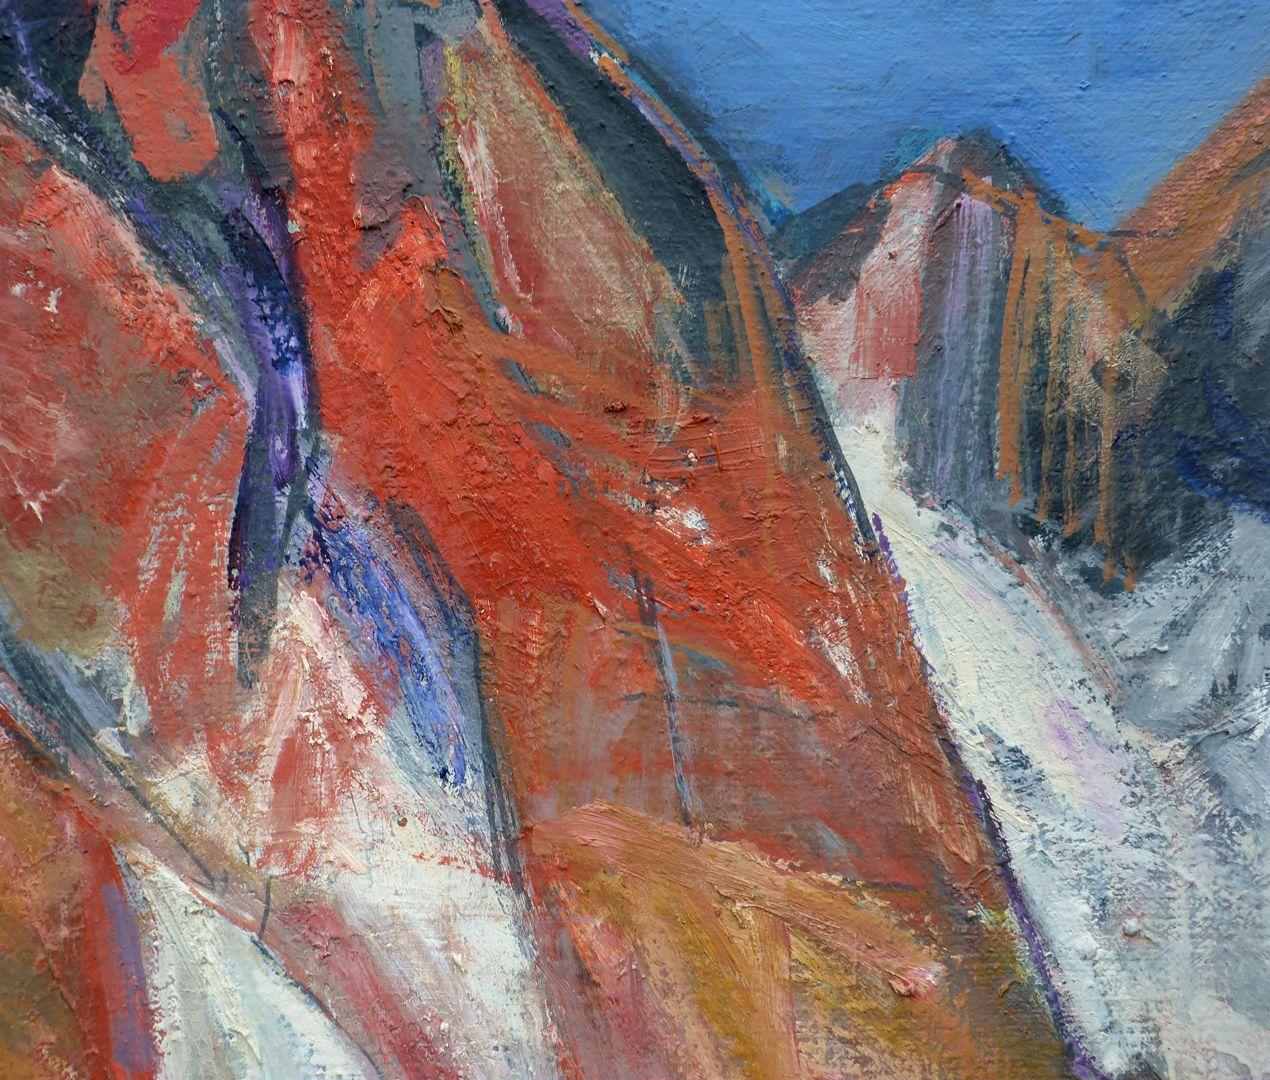 Dolomites: The Geisler Peaks Mountains and snow